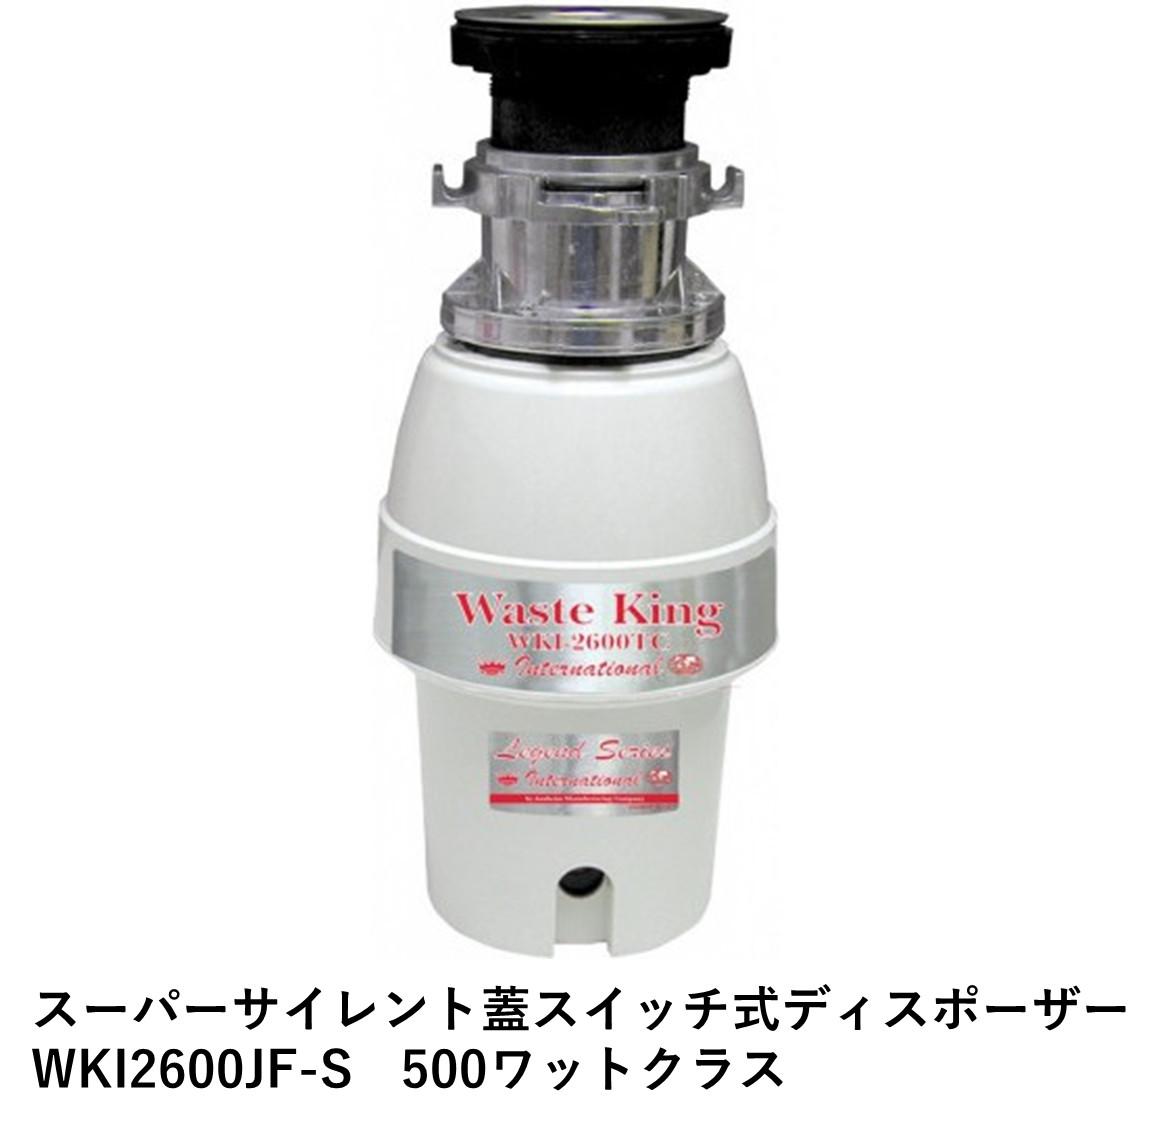 長期100%5年保証・適合評価同型品・蓋スイッチ式スーパーサイレントディスポーザー・ウエストキングWKI2600TCS(取付部品なしの交換用)